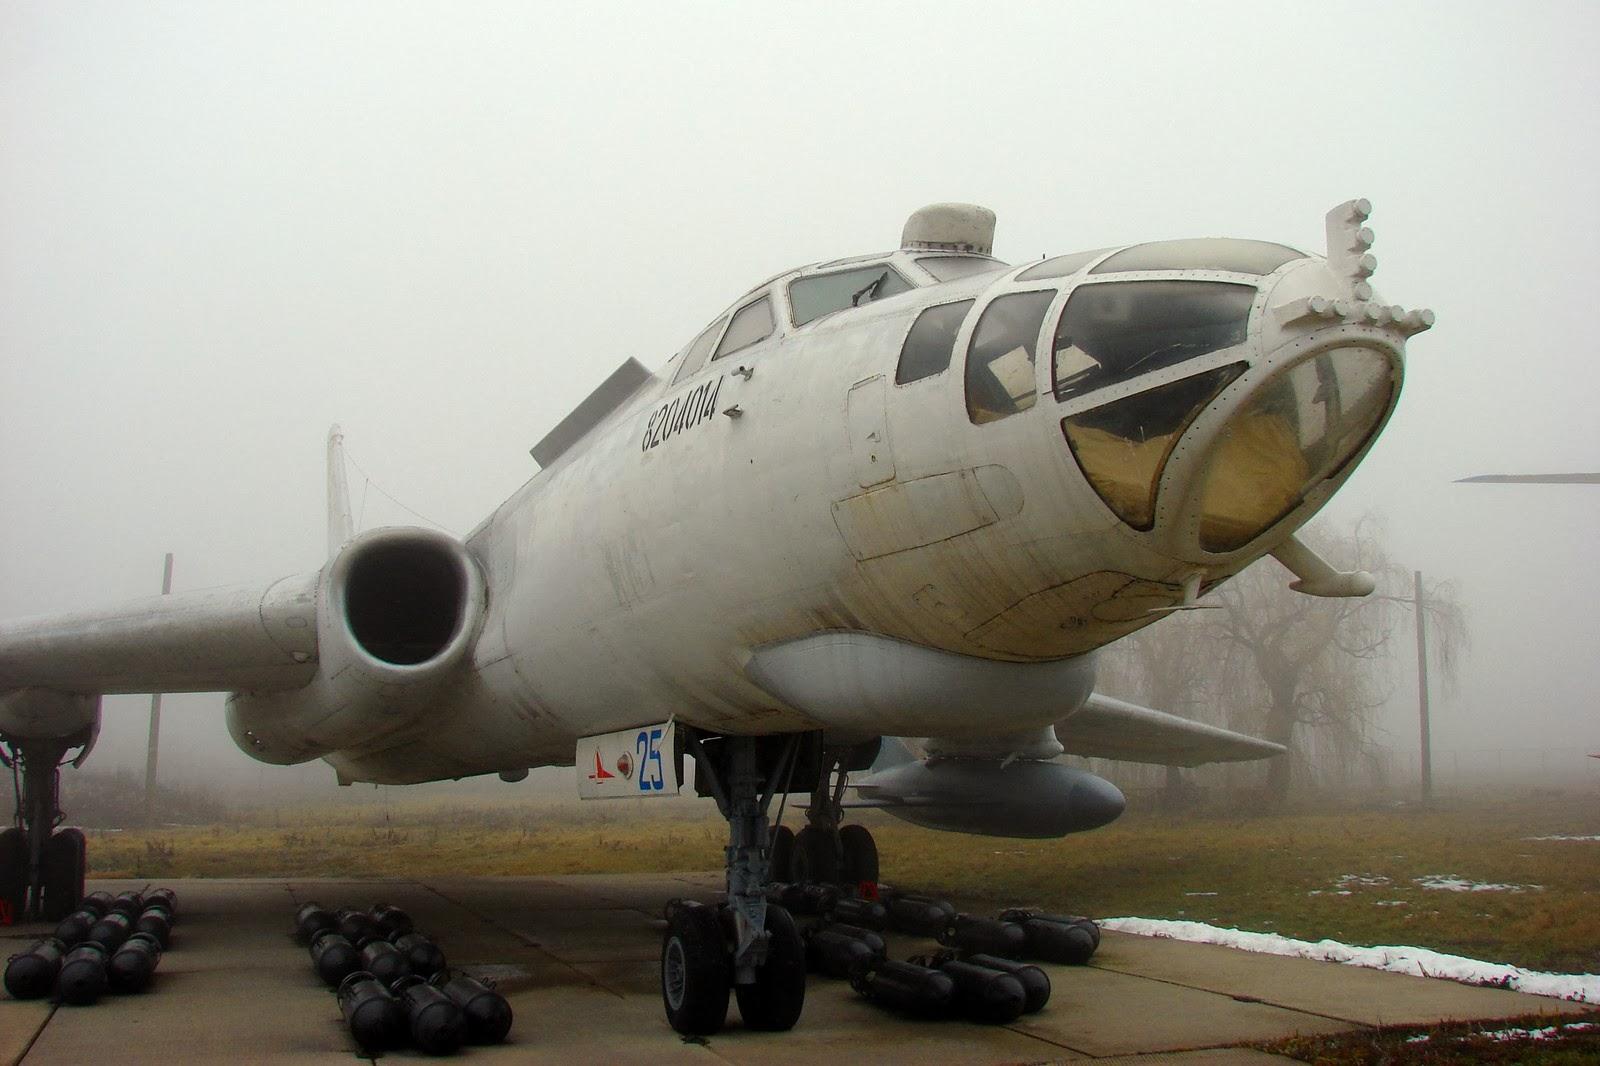 Дальний бомбардировщик-ракетоносец Ту-16